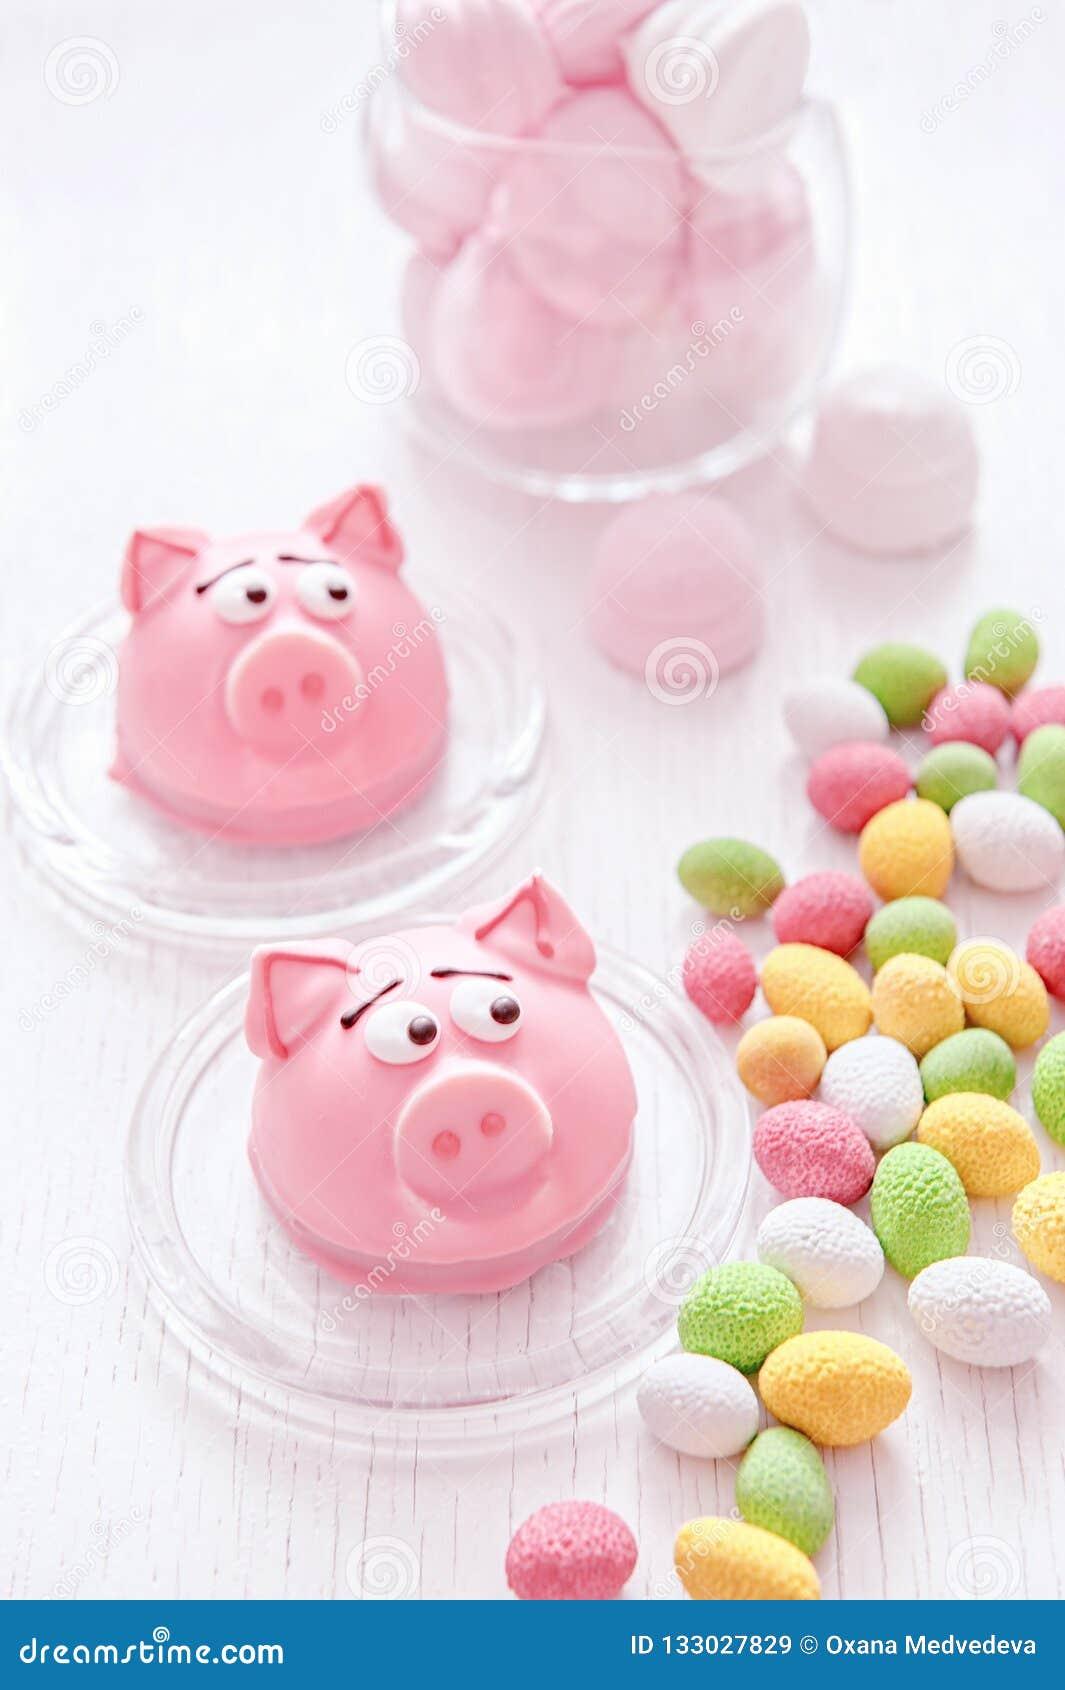 Marsepein in de vorm van het symbool van het nieuwe jaar - roze varken, zoete gevoelige makarons, heemst, pinda s in suiker